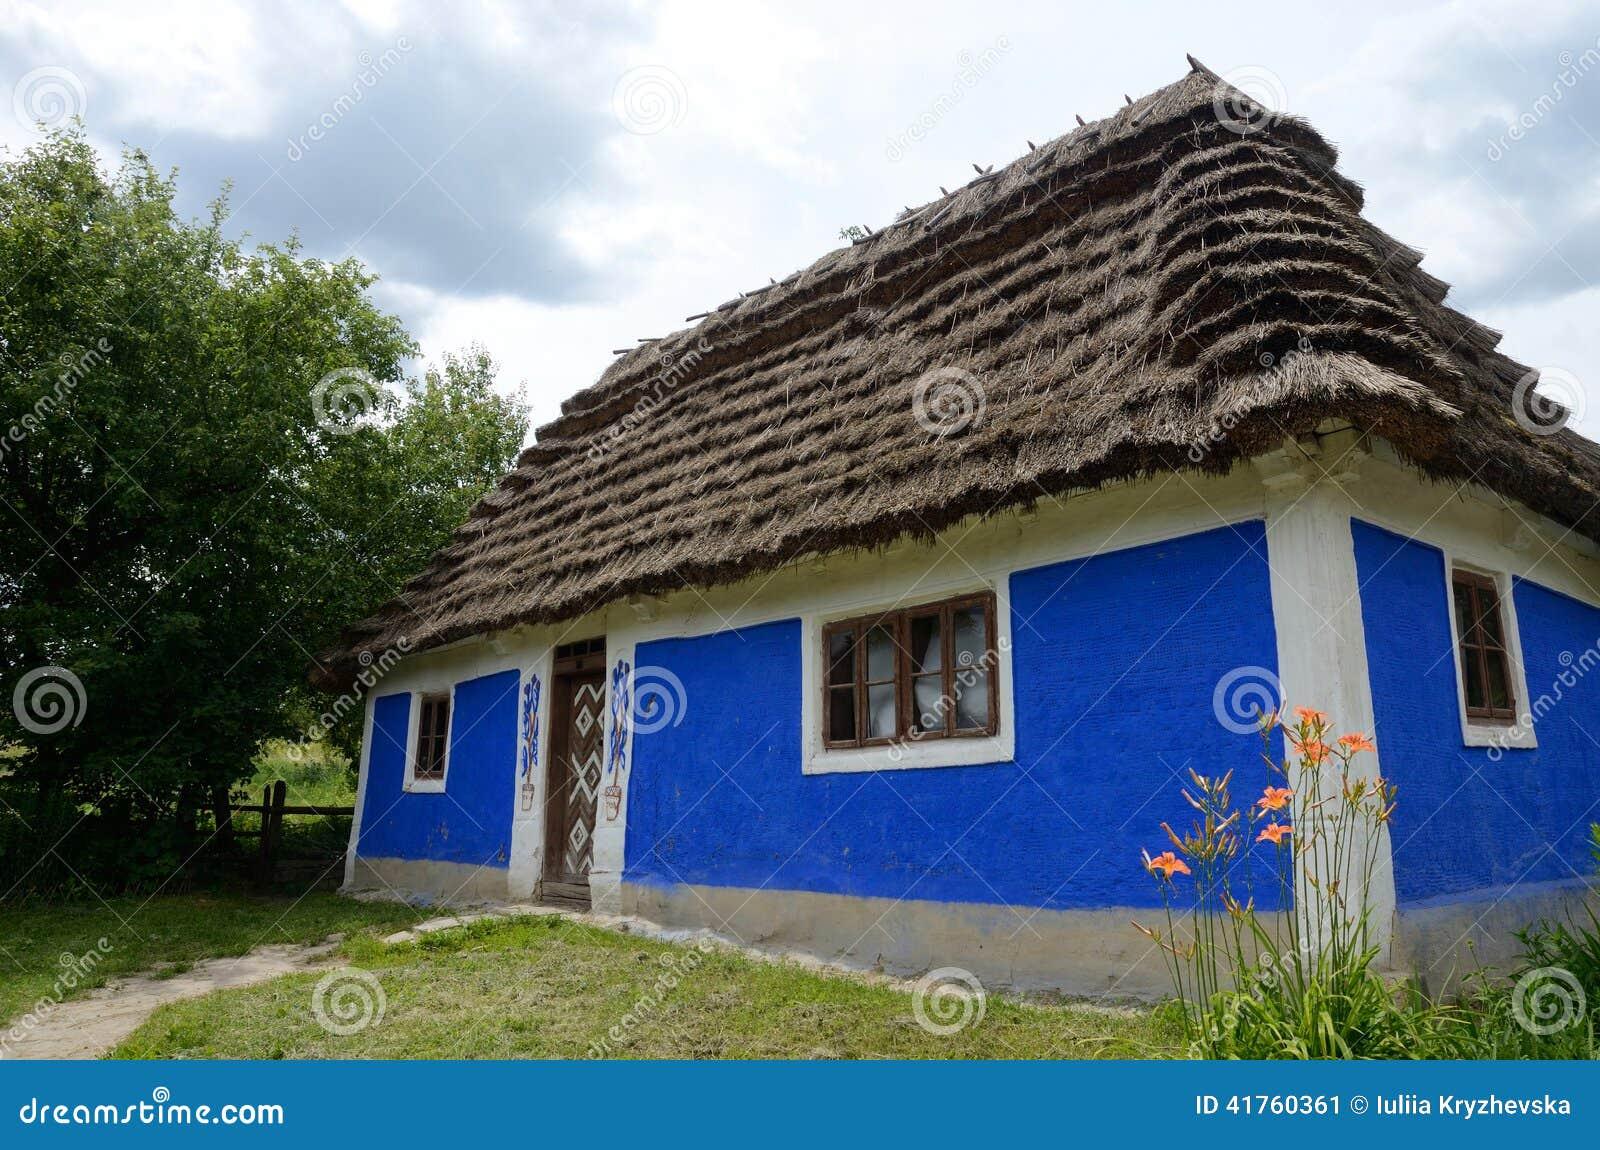 Casa rural ucraniana de la arcilla vieja tradicional - Casa rural con granja ...